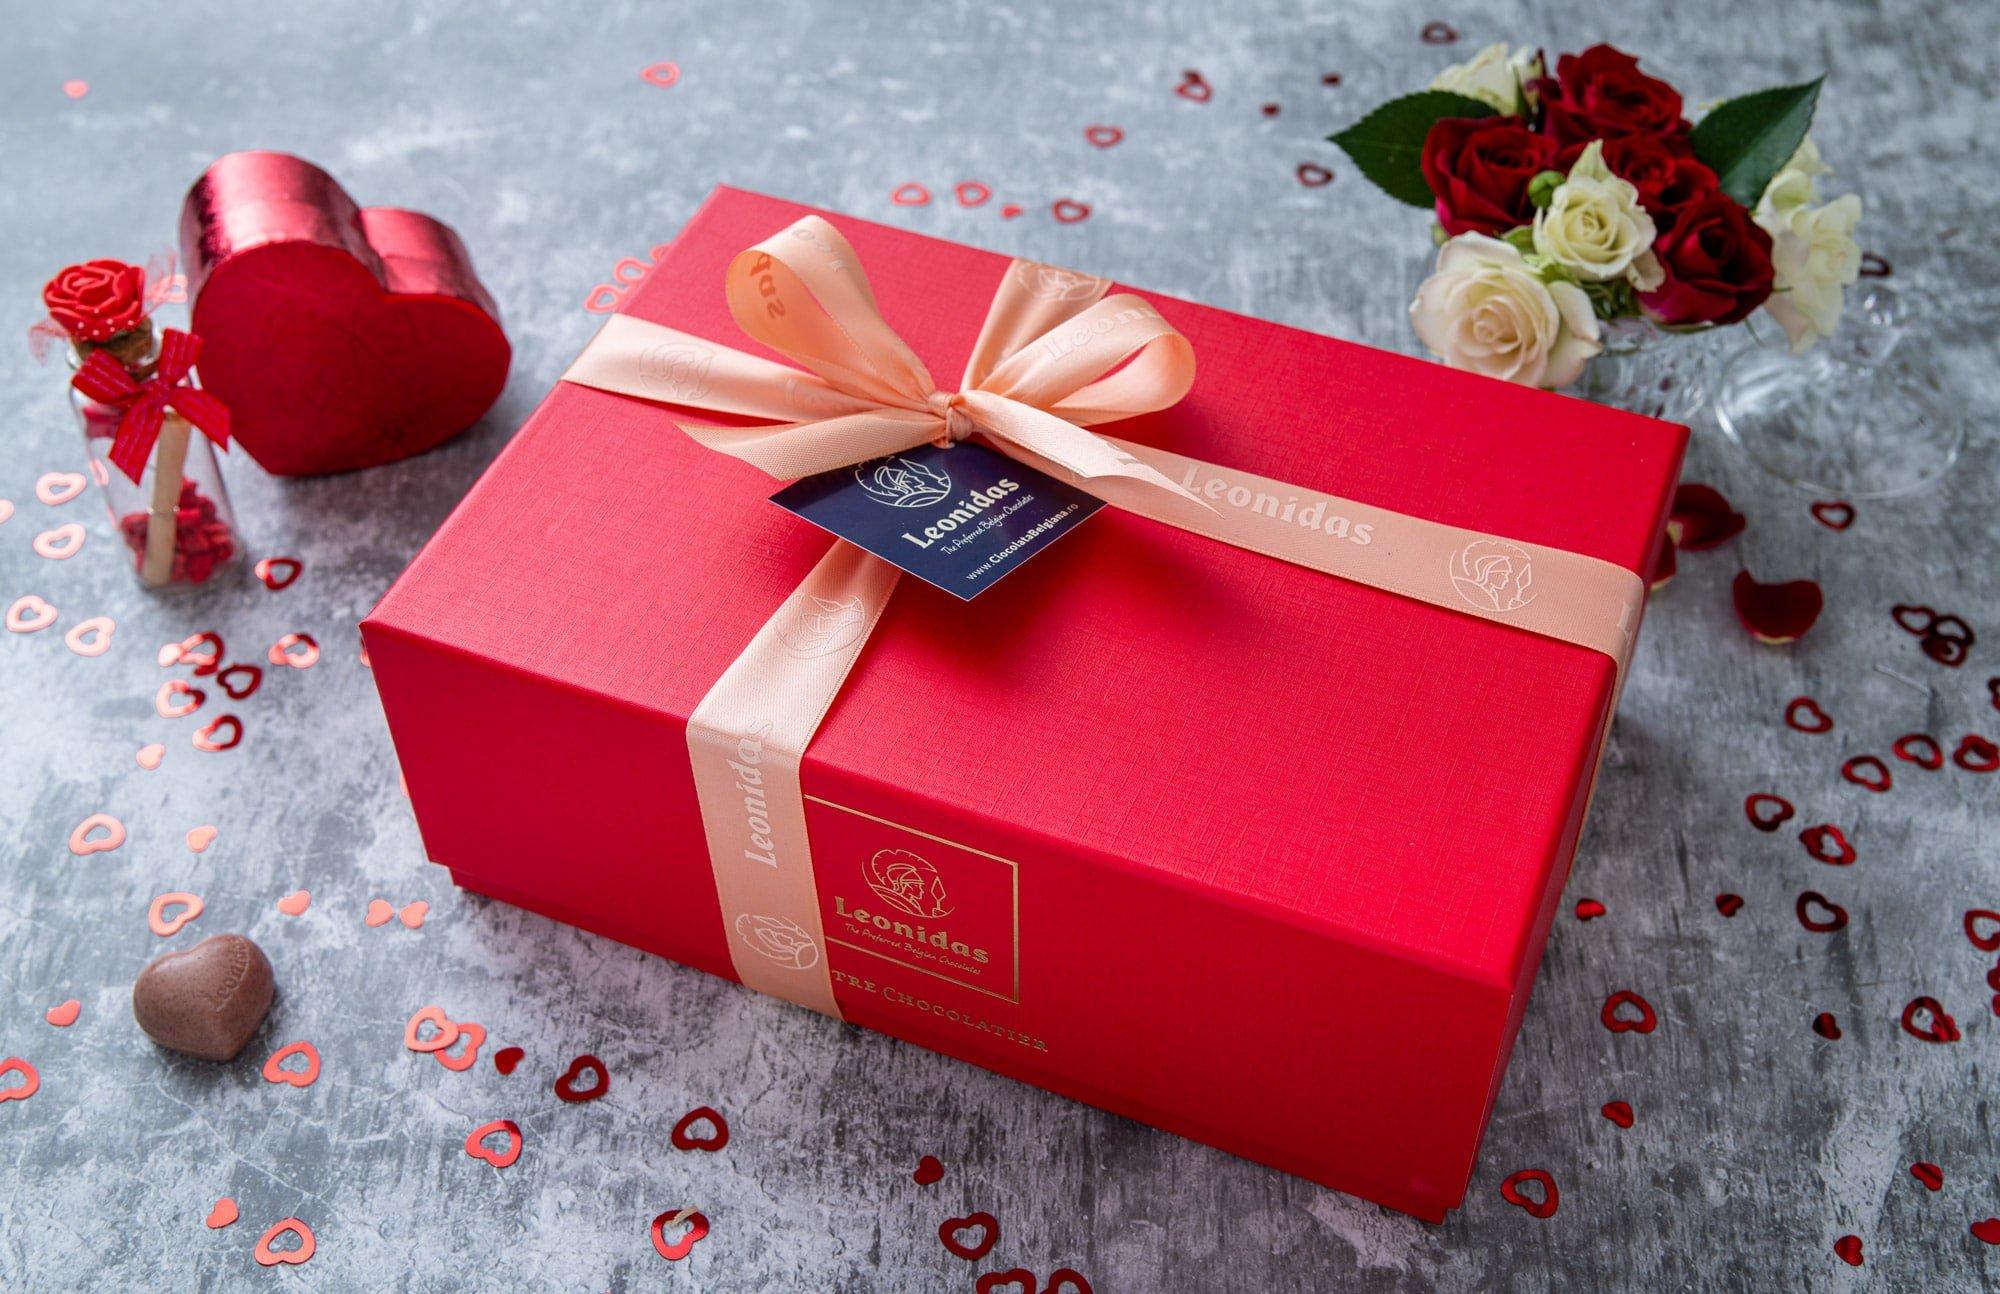 Ciocolata belgiana Leonidas – cel mai dulce cadou